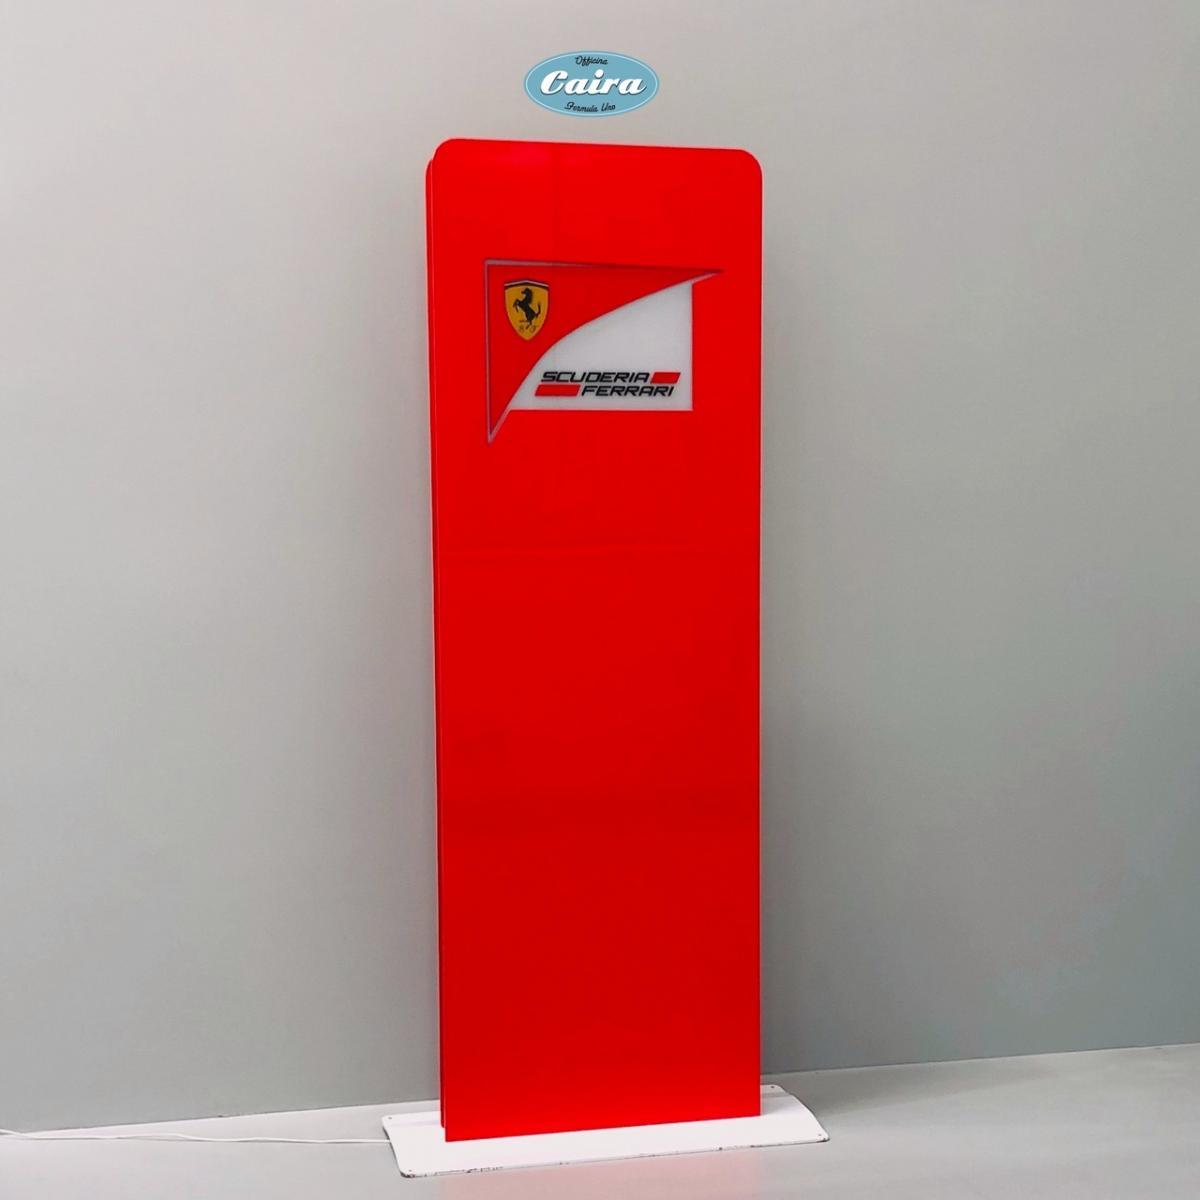 Original Totem, Signboard Scuderia Ferrari - 2000s - F1 - 3